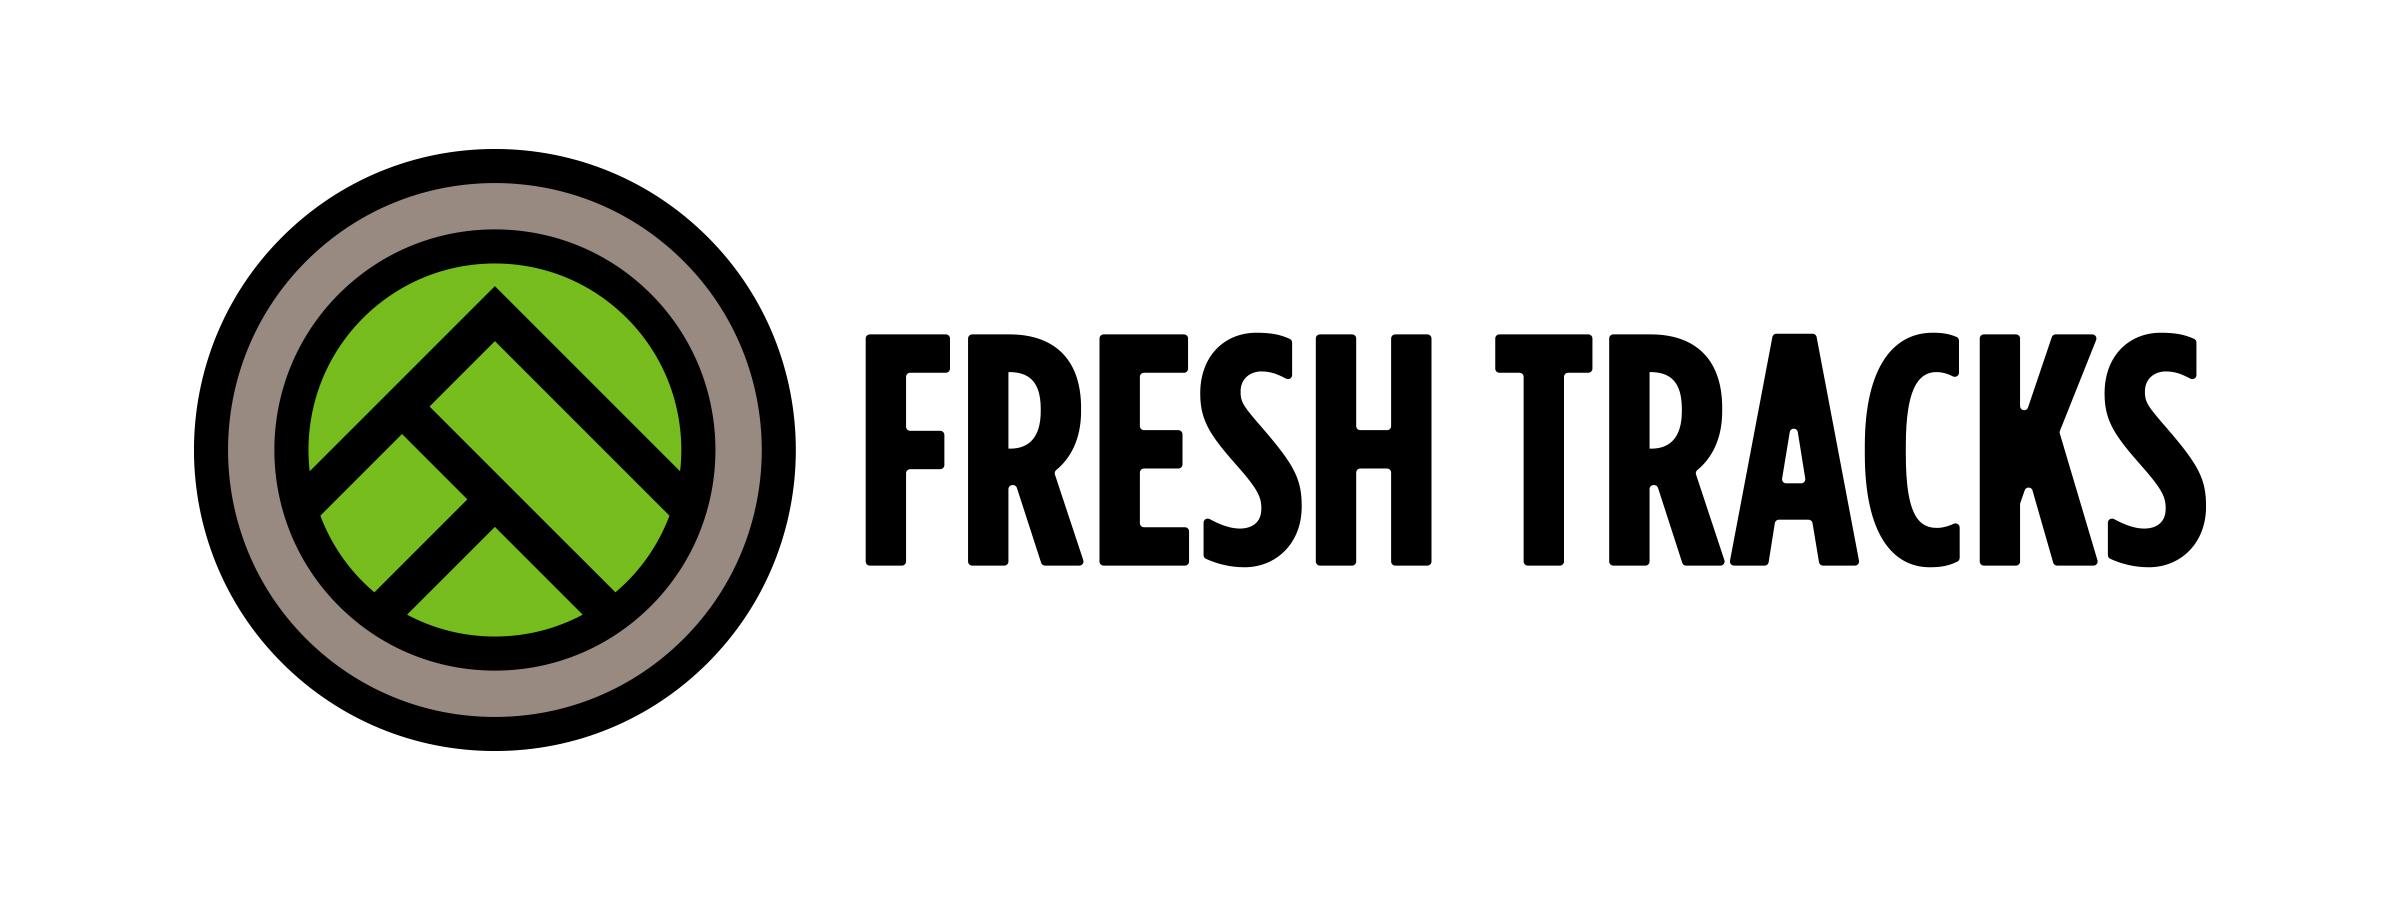 Fresh Tracks Logo.jpg